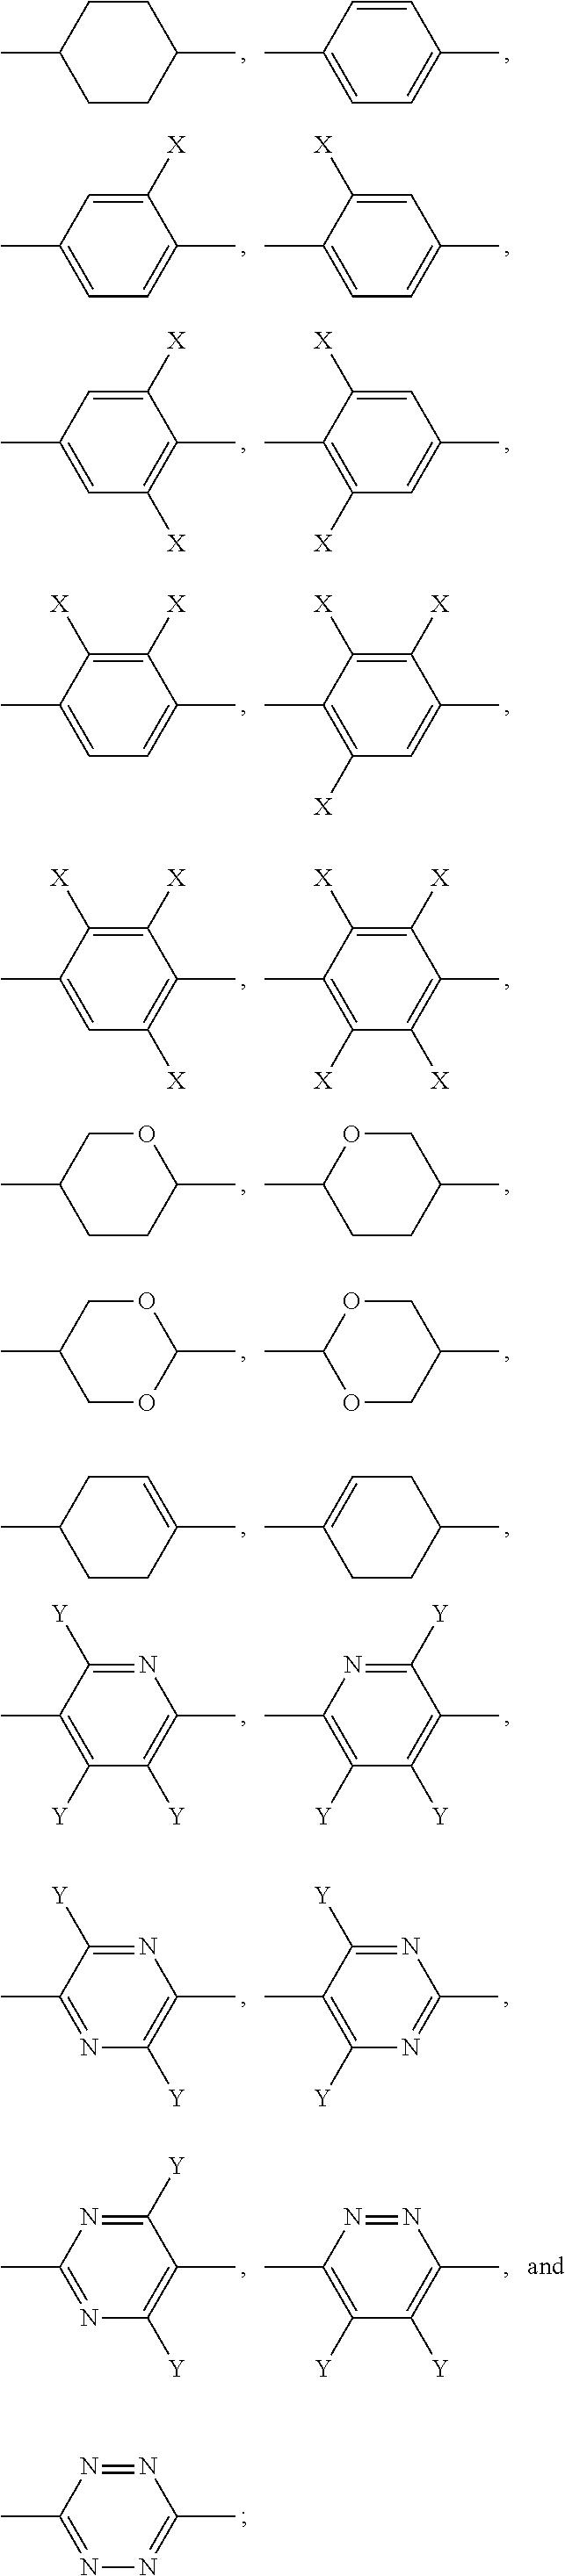 Figure US20130208227A1-20130815-C00336